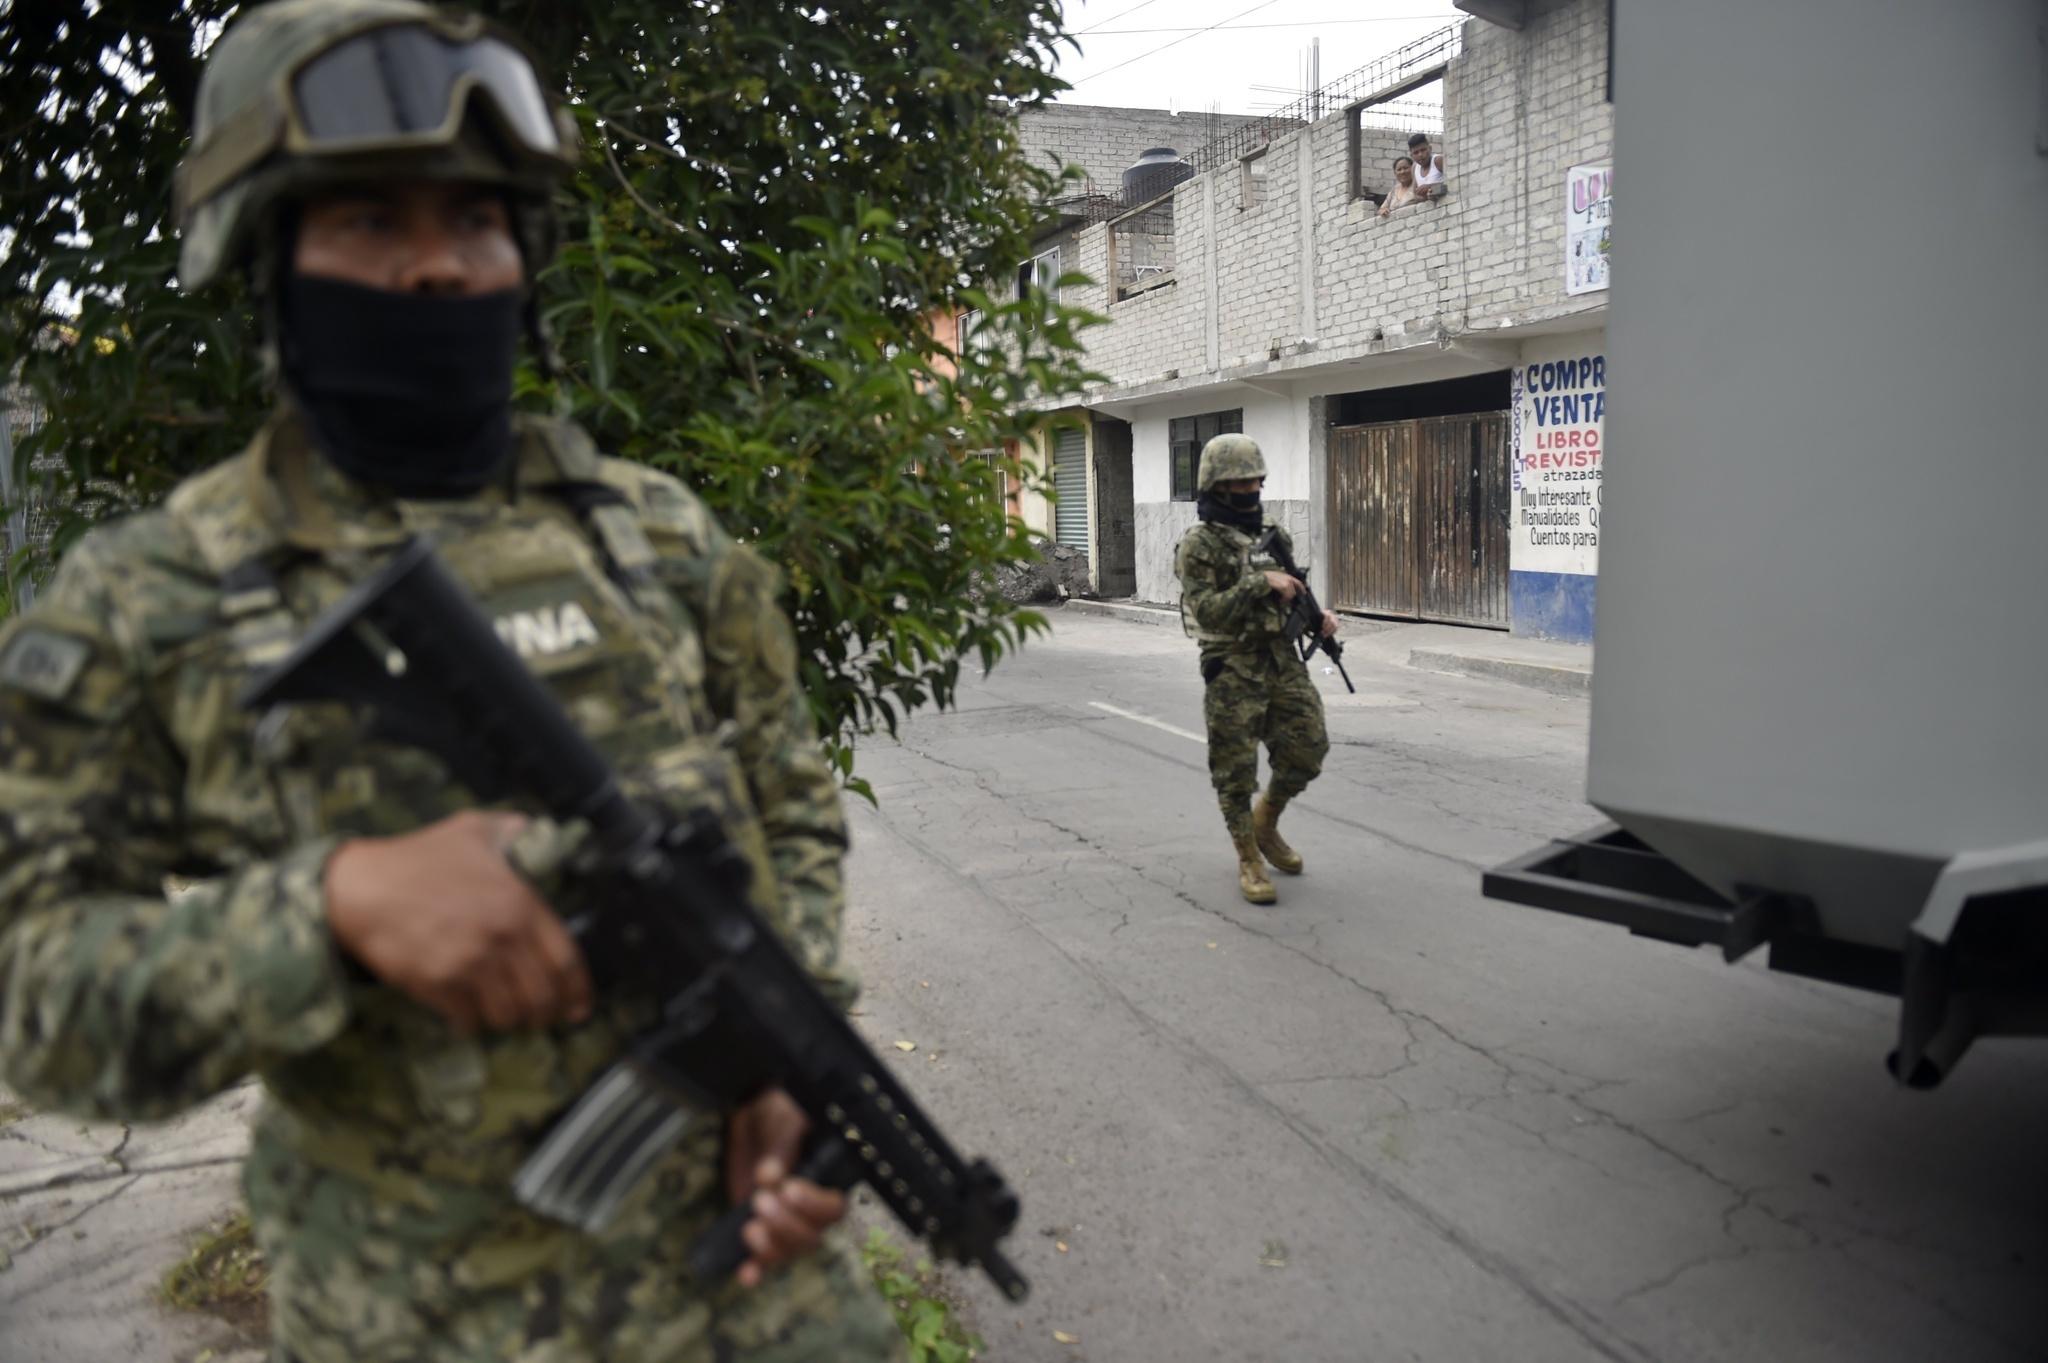 【メキシコ】米犯罪ドラマのスタッフ 「蜂の巣」状態の射殺体で発見!!のサムネイル画像